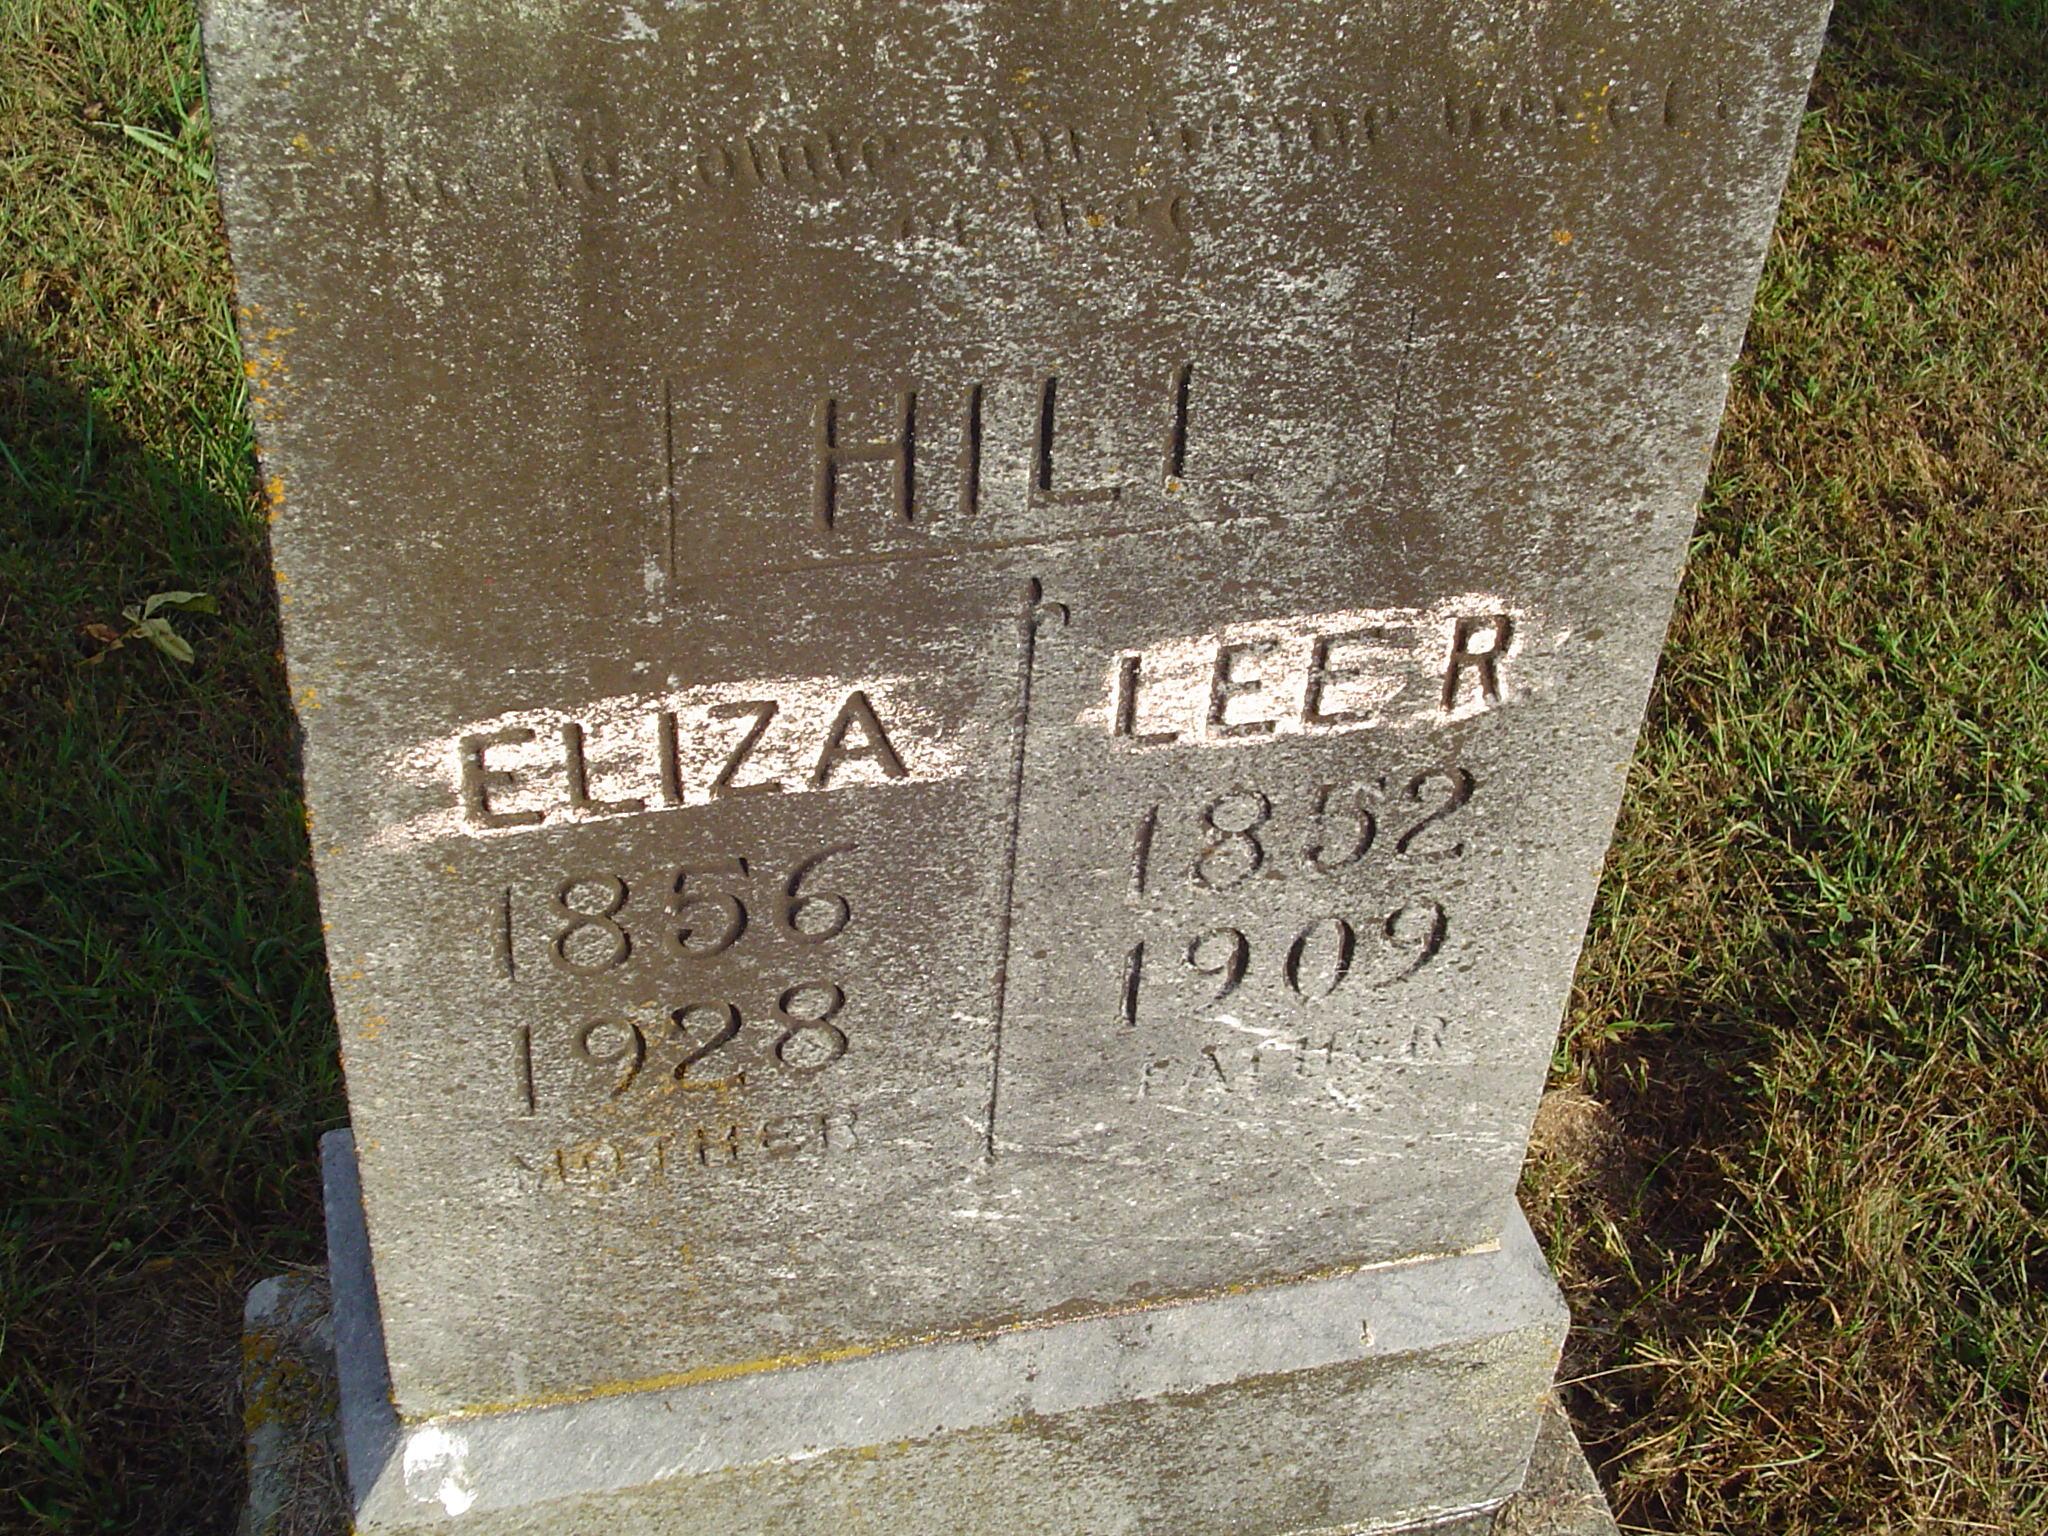 Union Christian Church Cemetery listings